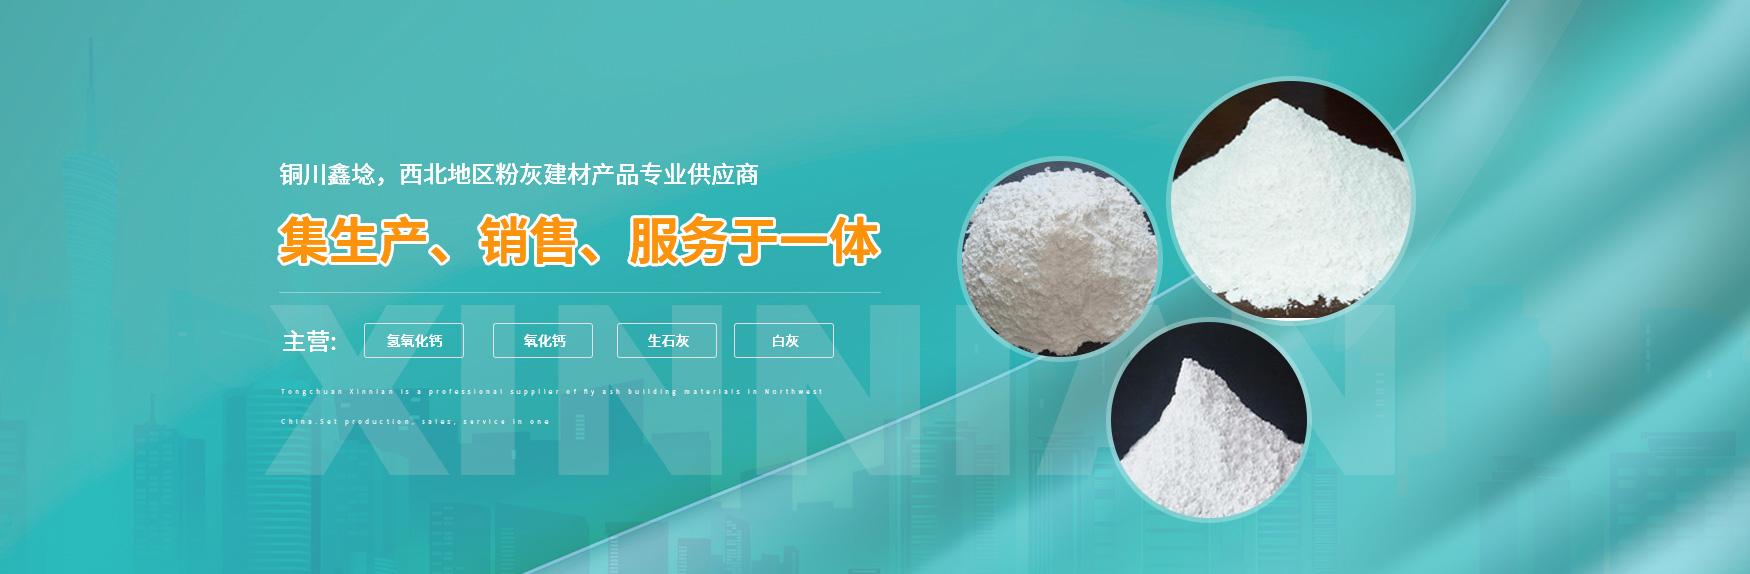 陕西灰钙粉